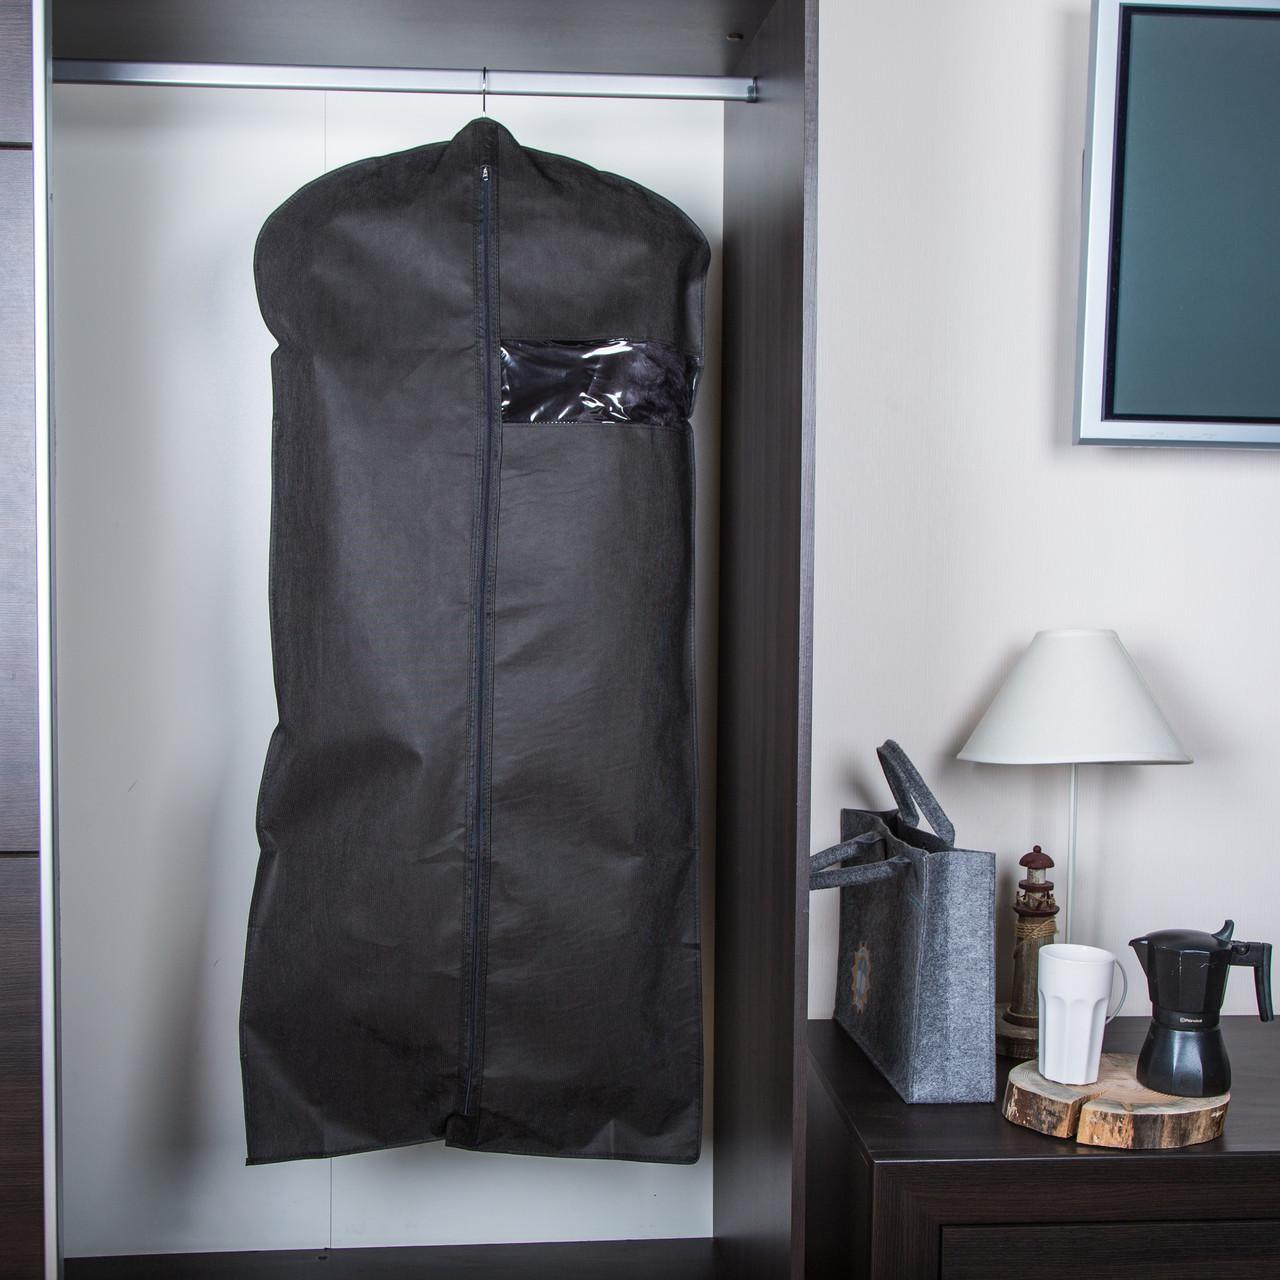 Чехол для одежды - фото 1